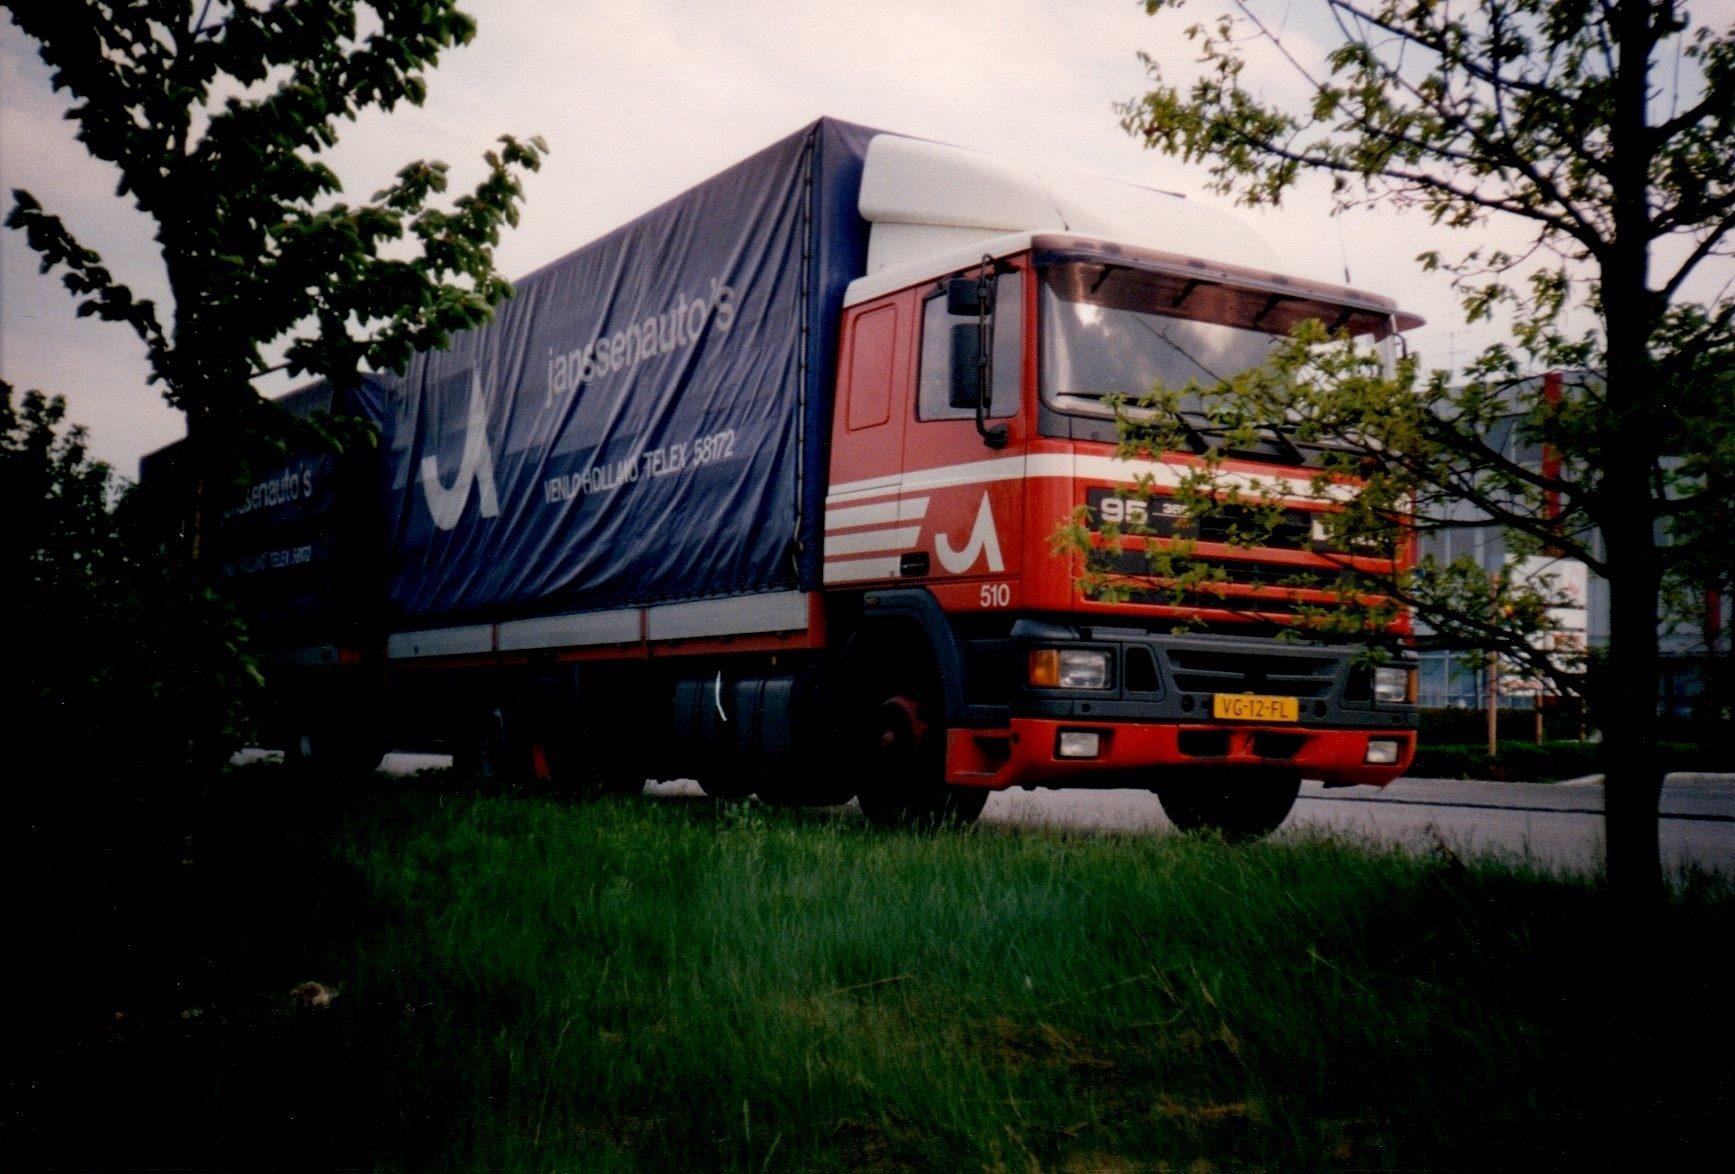 DAF-95-Ron-Wijnhoven-foto